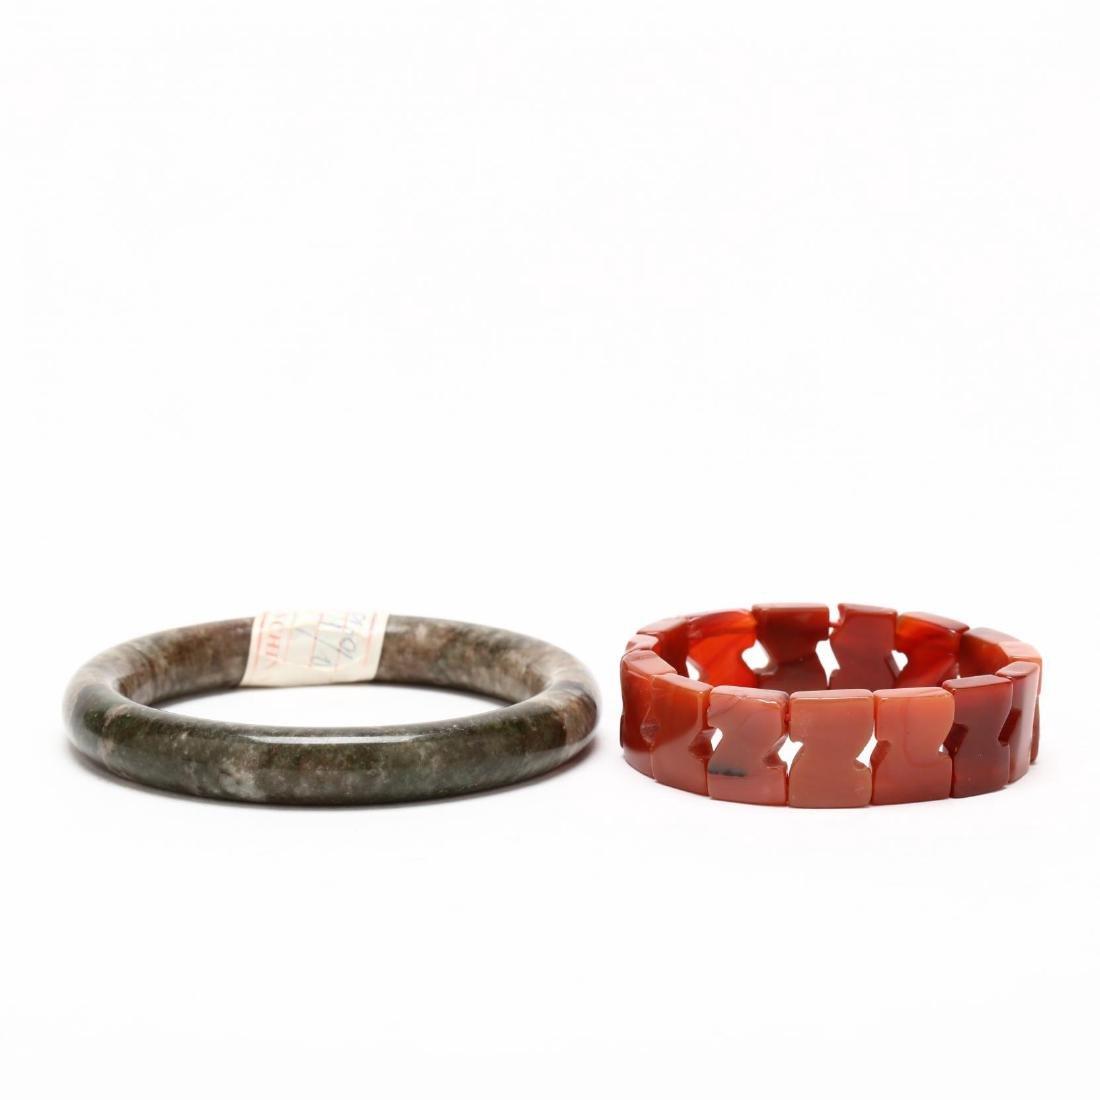 Group of Hardstone Jewelry - 4